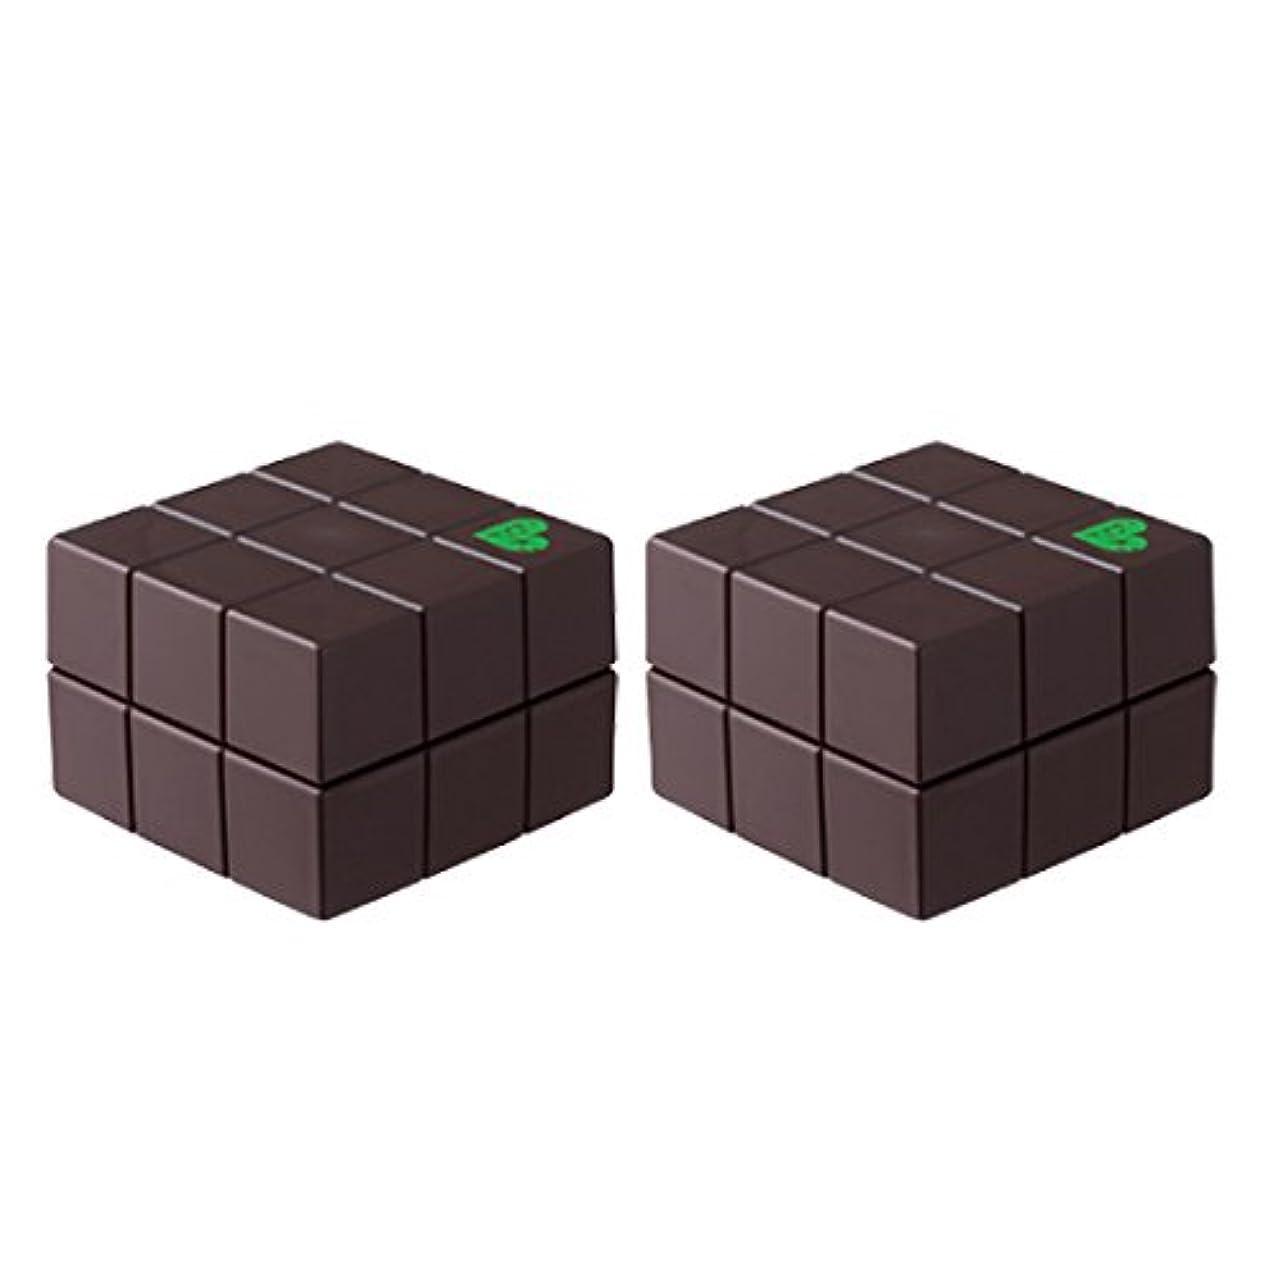 民間奨励キロメートル【x2個セット】 アリミノ ピース プロデザインシリーズ ハードワックス チョコ 40g